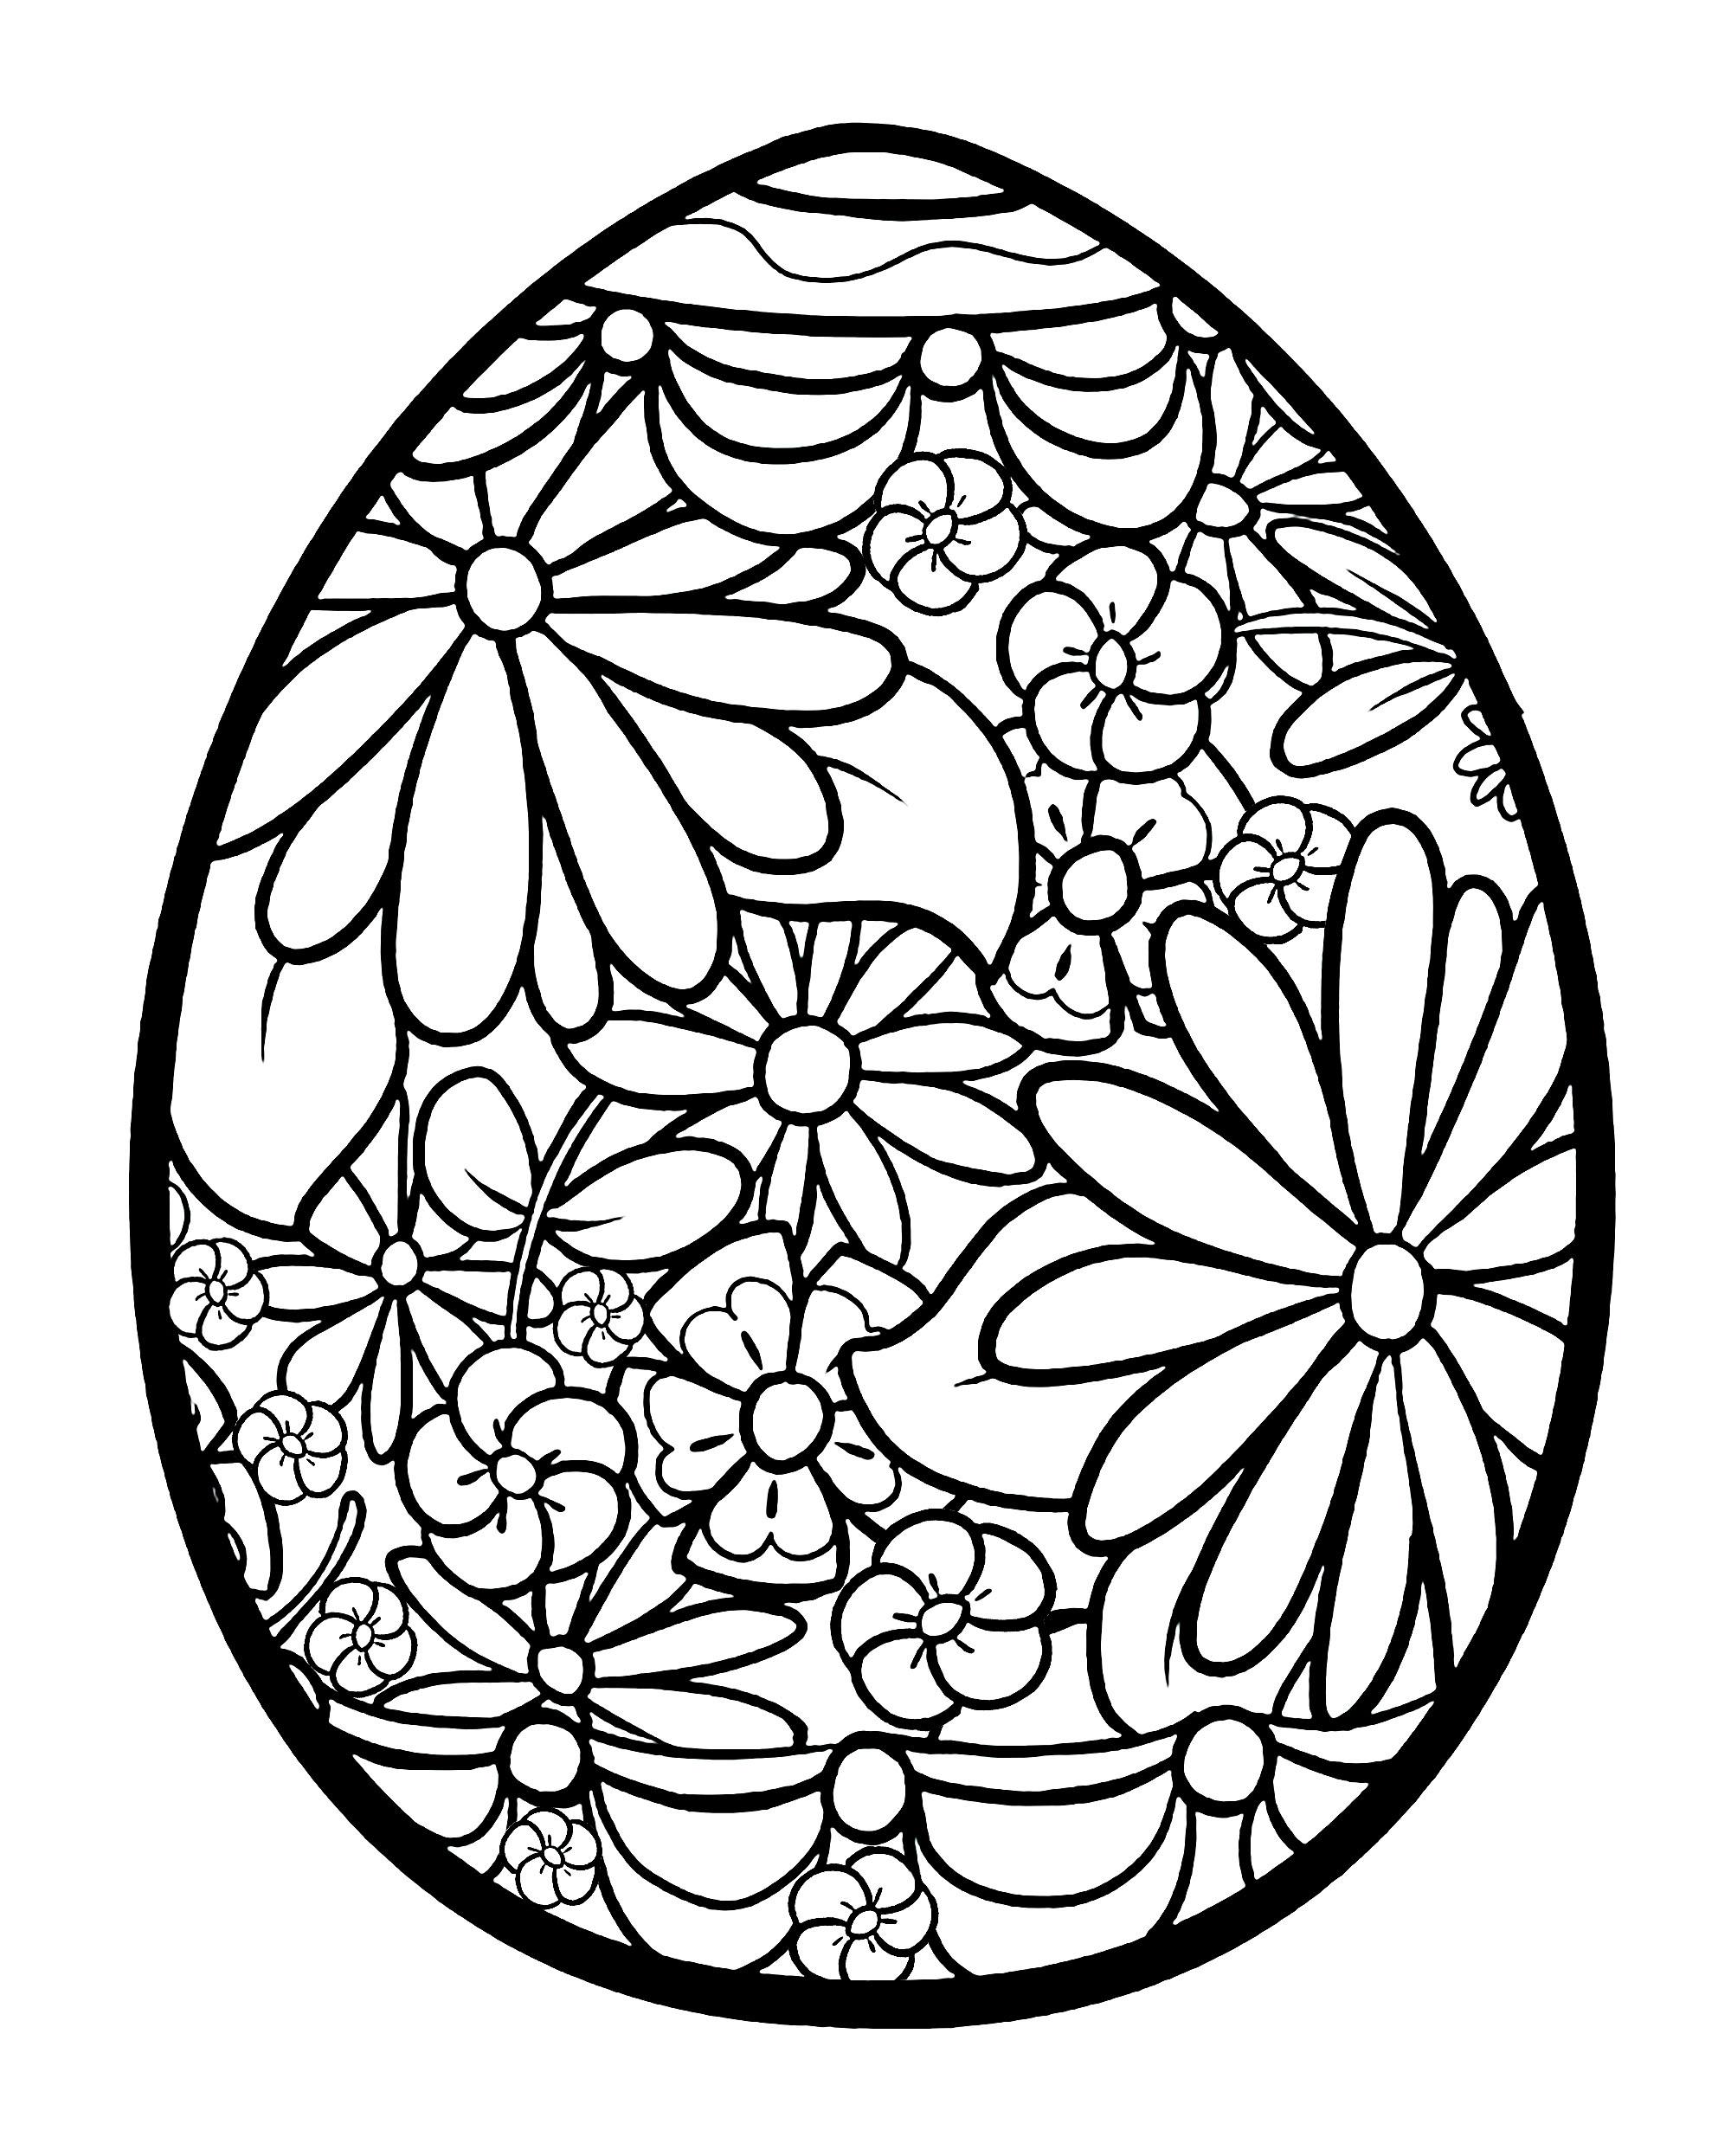 Luxe Dessin Coloriage Oeuf De Paques – Mademoiselleosaki avec Coloriage De Paques A Imprimer